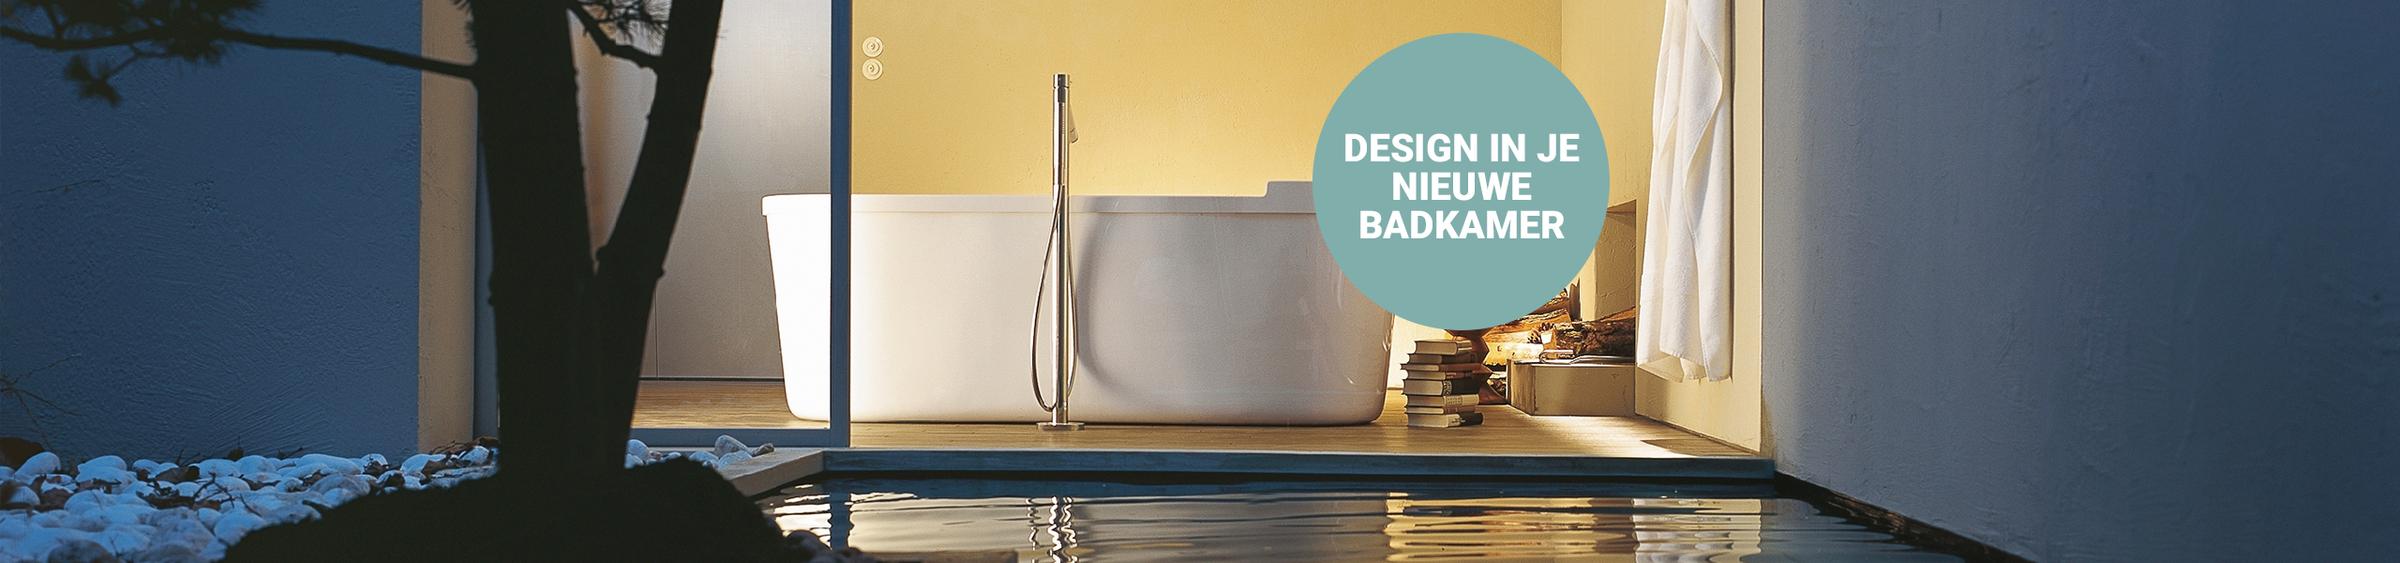 Design in de badkamer - Design in de badkamer